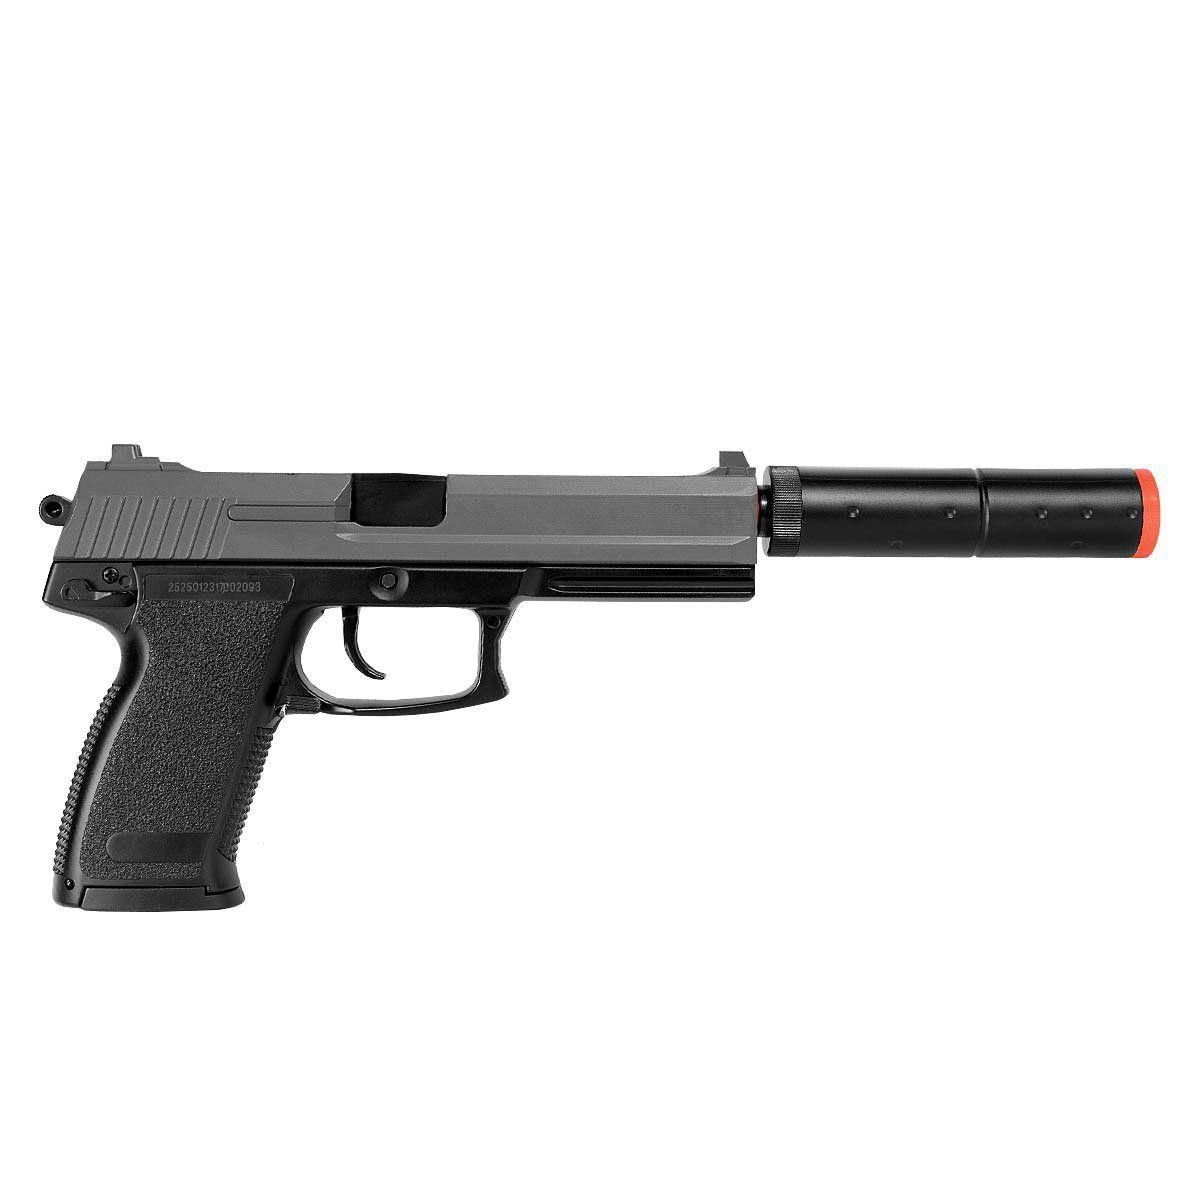 Pistola de Airsoft USP M23 Cal 6,0 mm Double Eagle